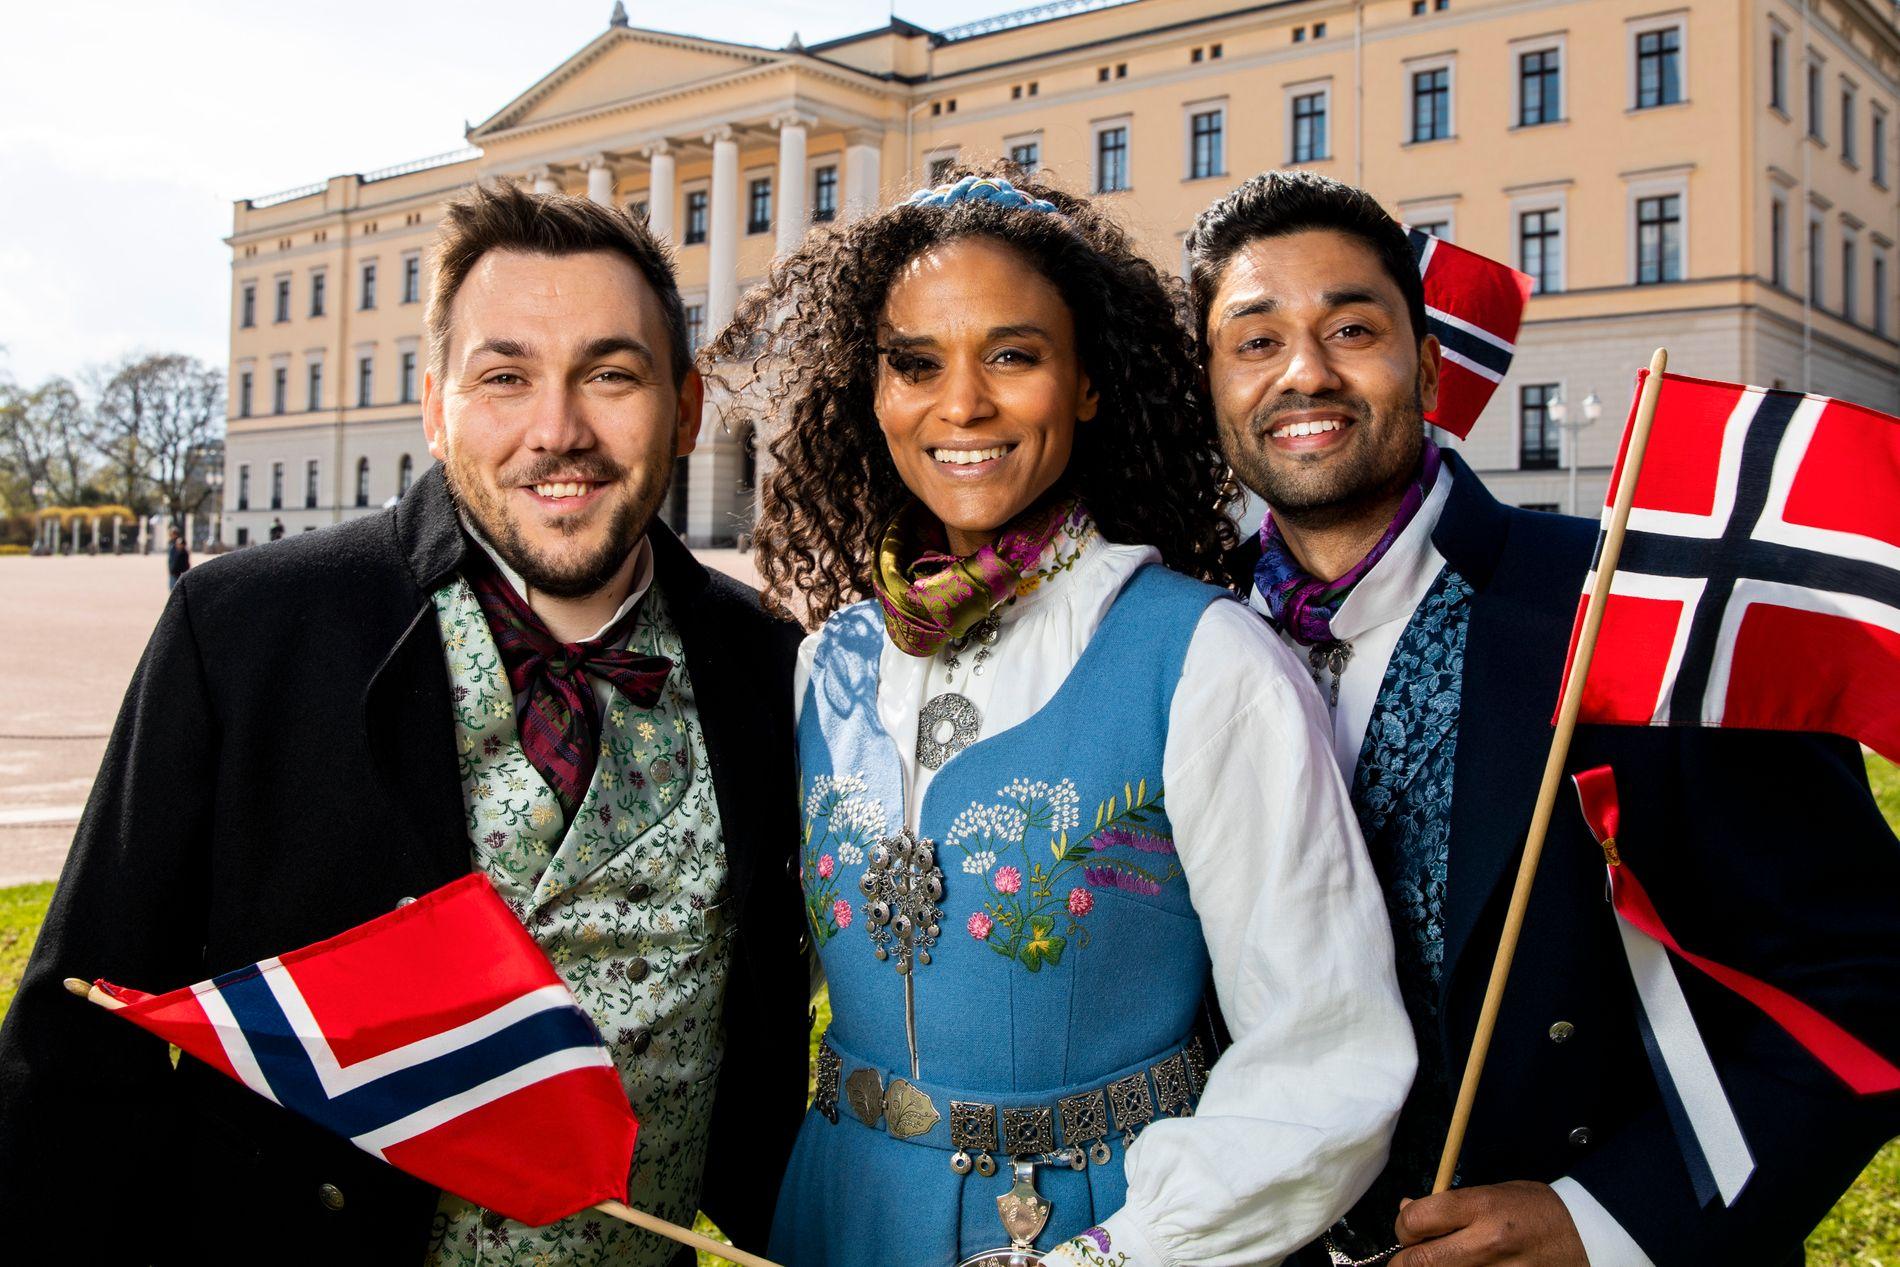 TO AV TRE STILLER: Dennis Vareide, Haddy N'jie og Noman Mubashir skulle opprinnelig lede TV-sendingen på NRK 17. mai.